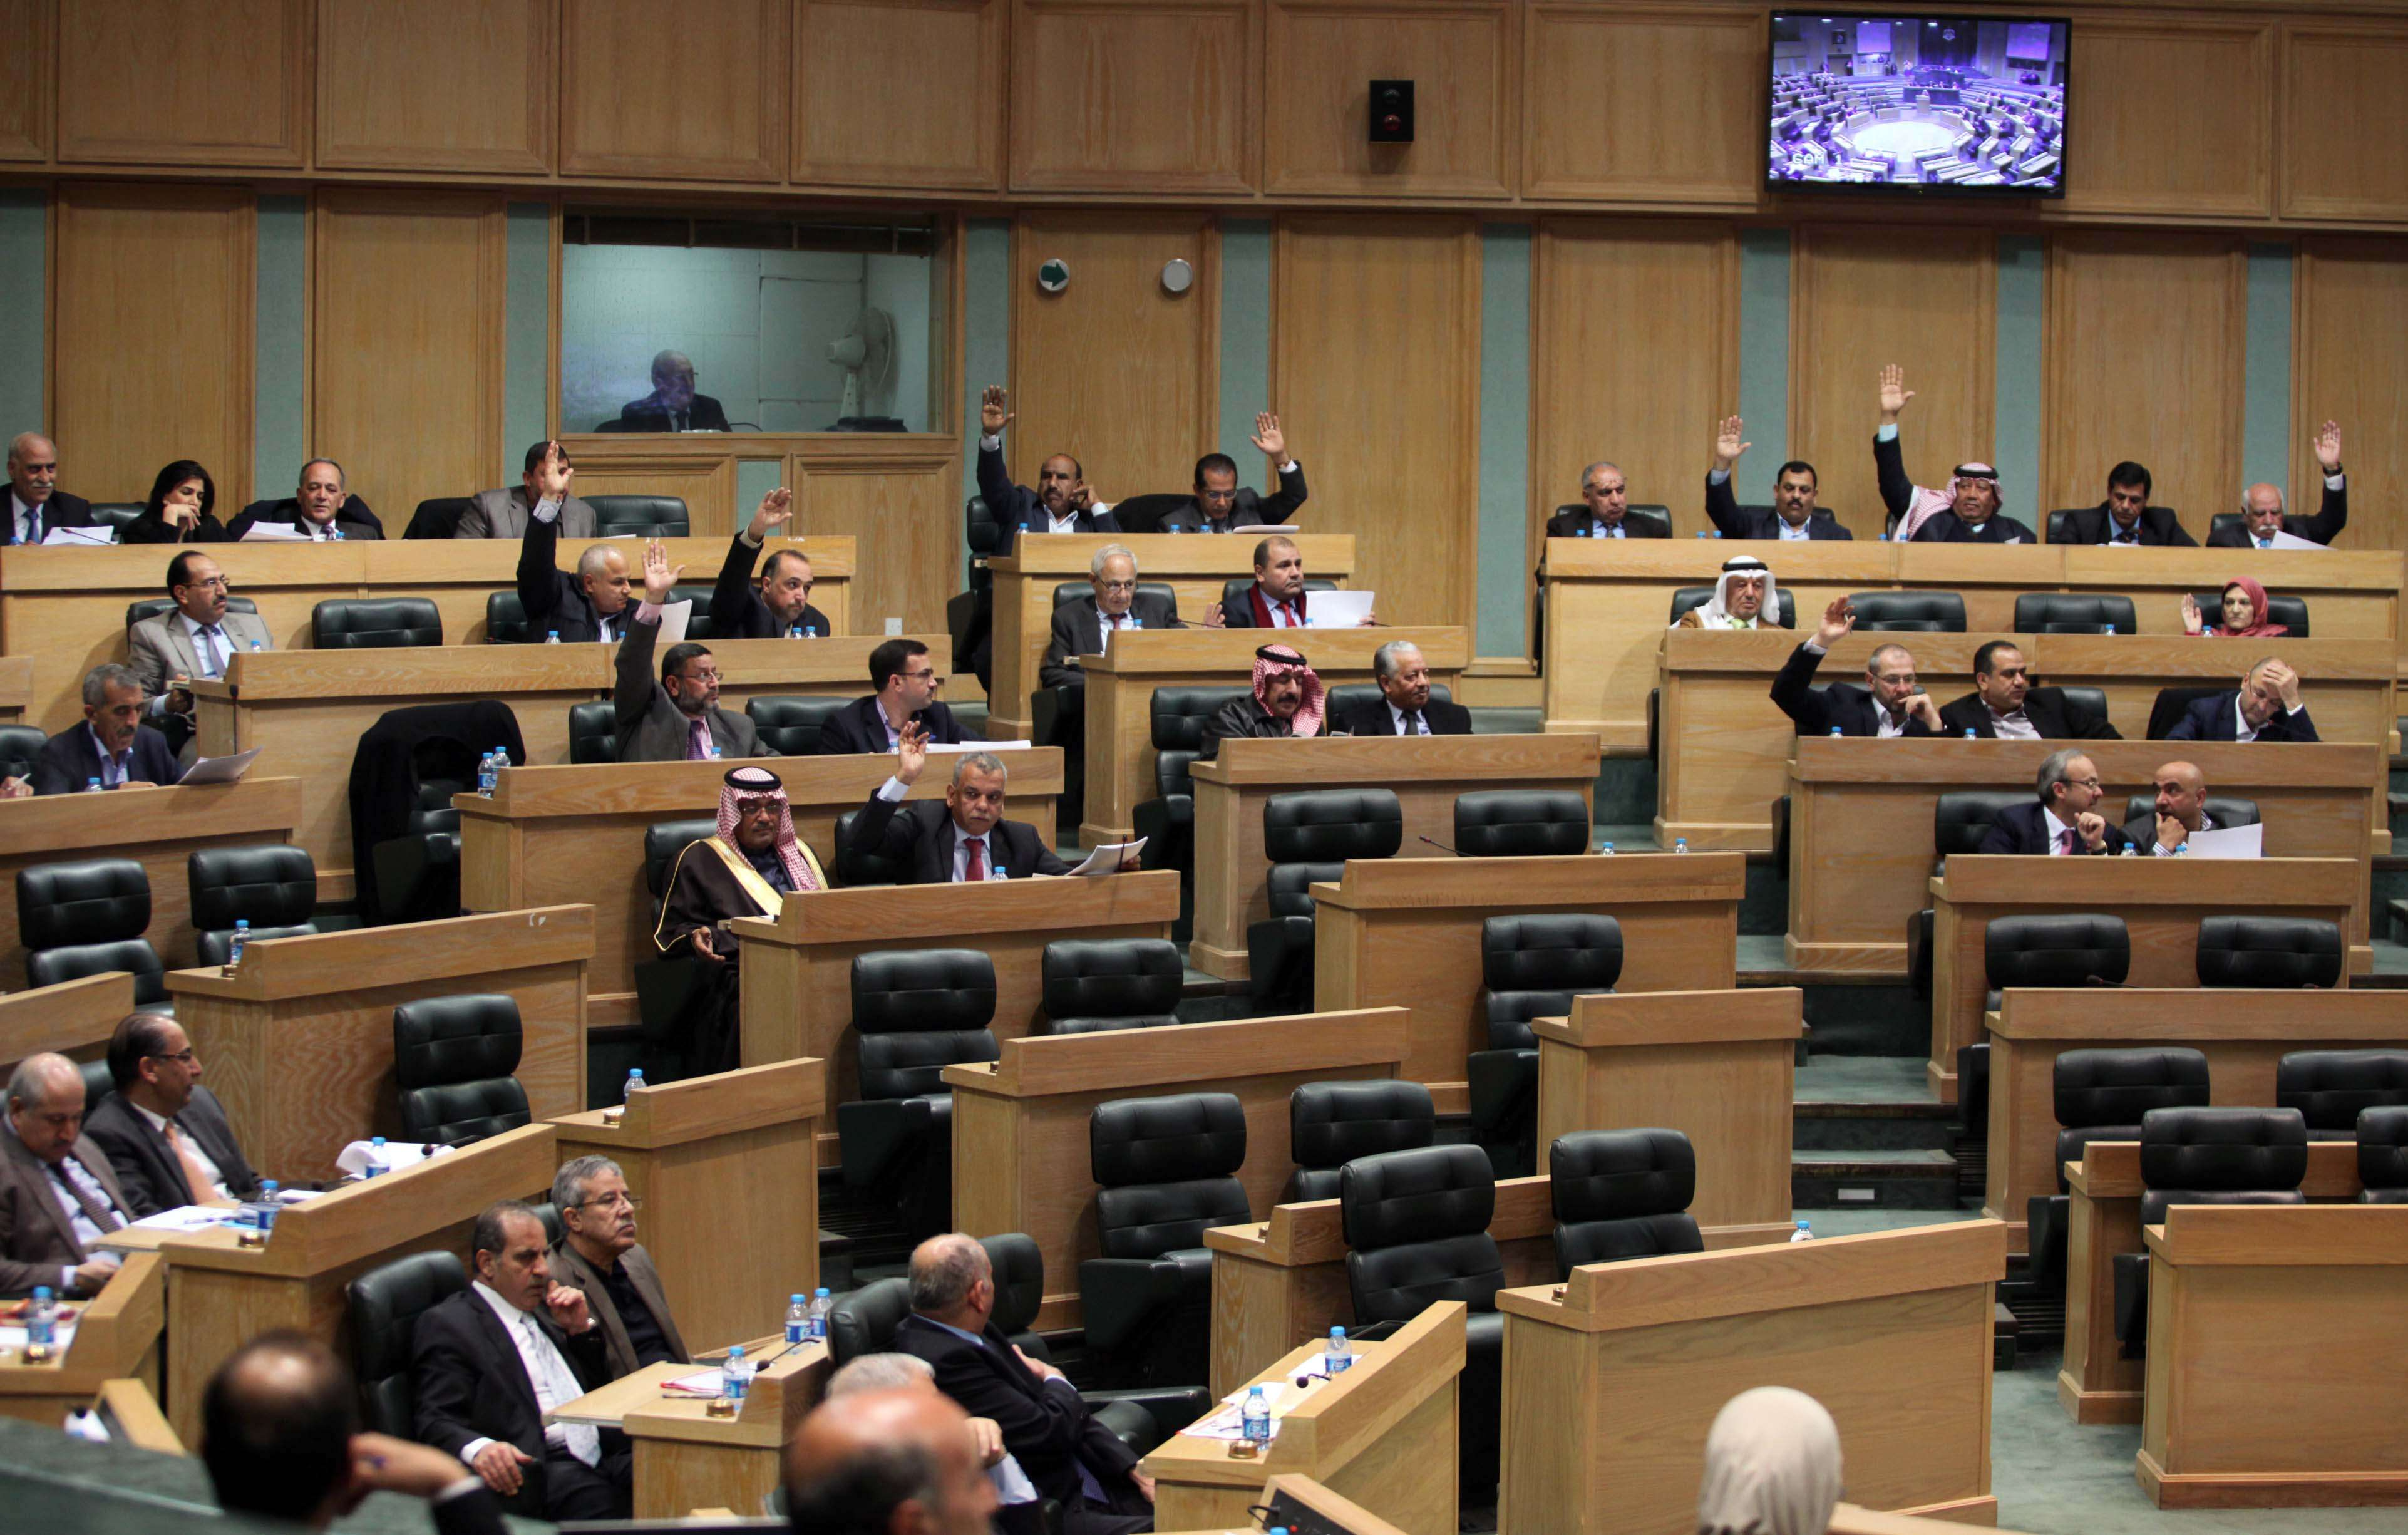 Jordanie: Euro-Med félicite l'abolition de l'article 308 et nécessite la légitimité de l'appui des victimes